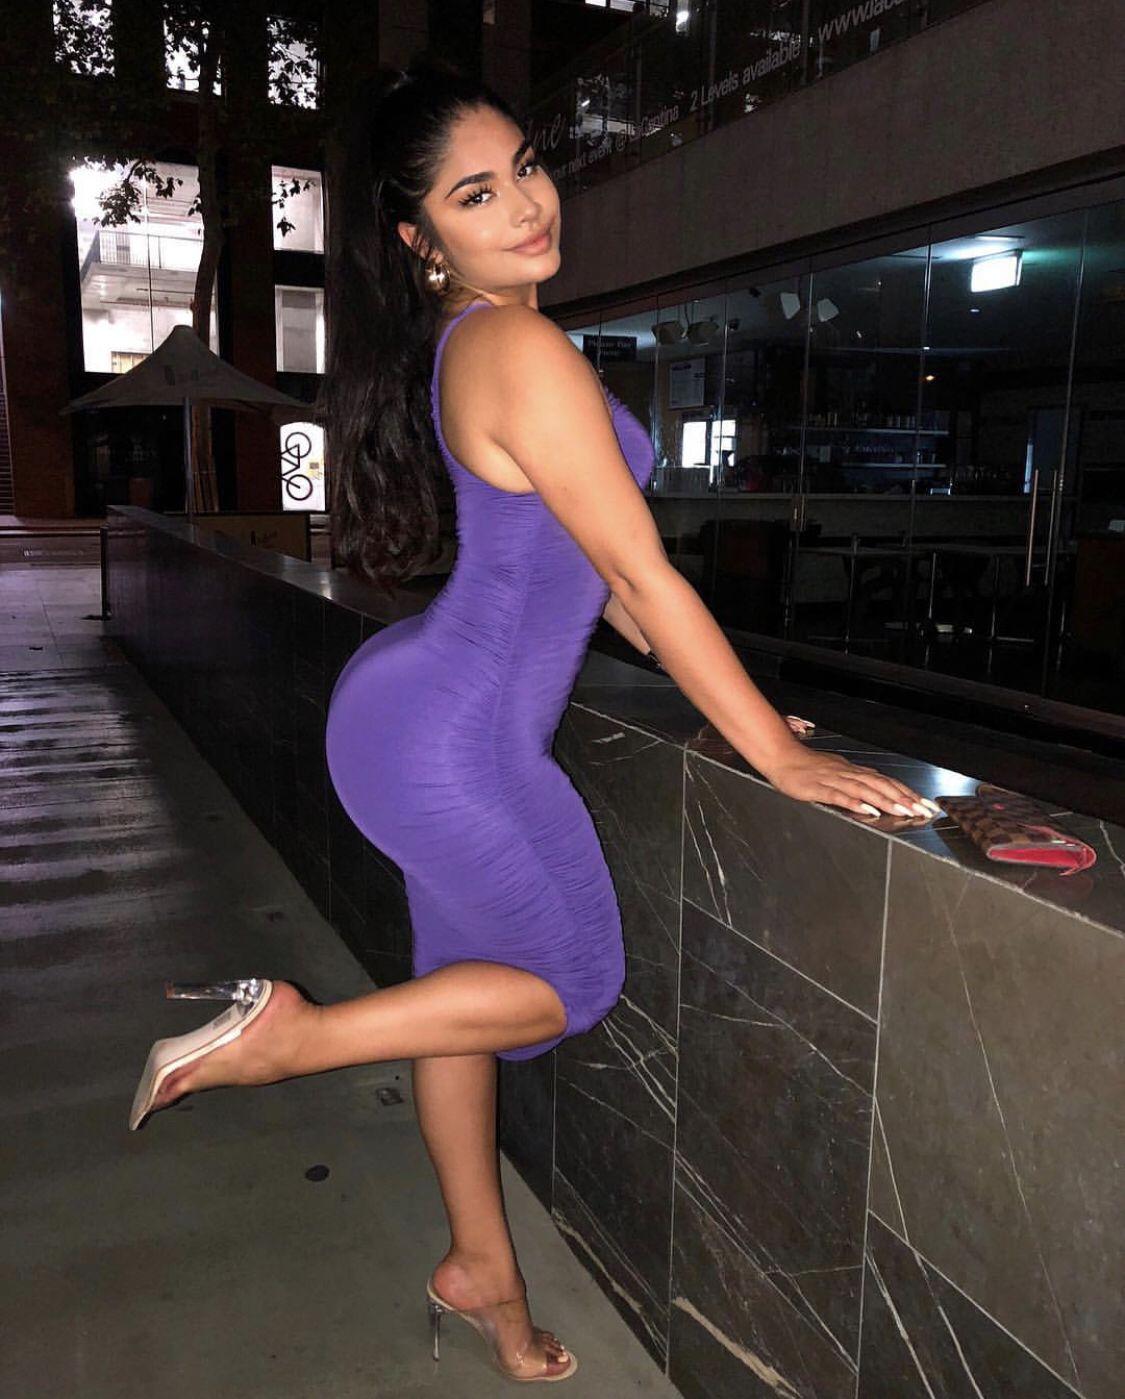 girl ass latina Skinny shakes